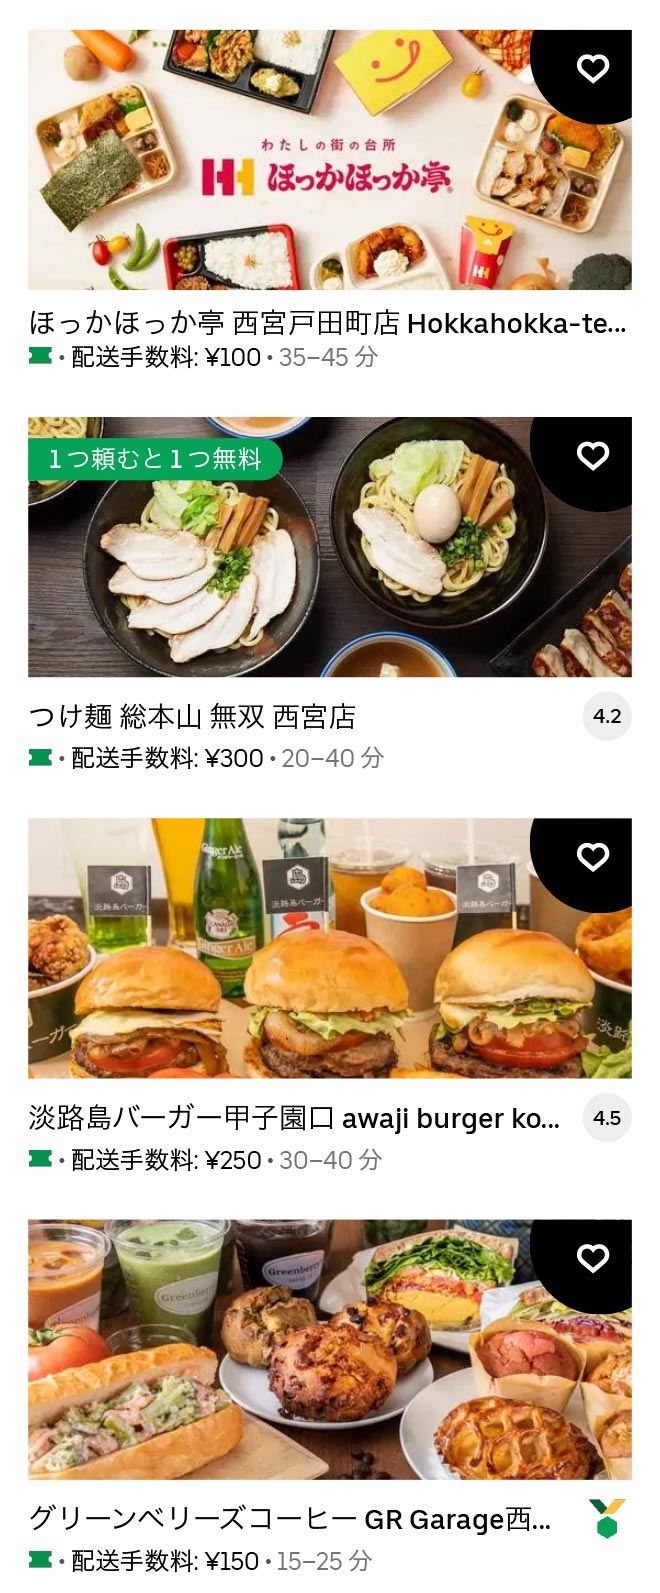 U nishinomiya 2105 11